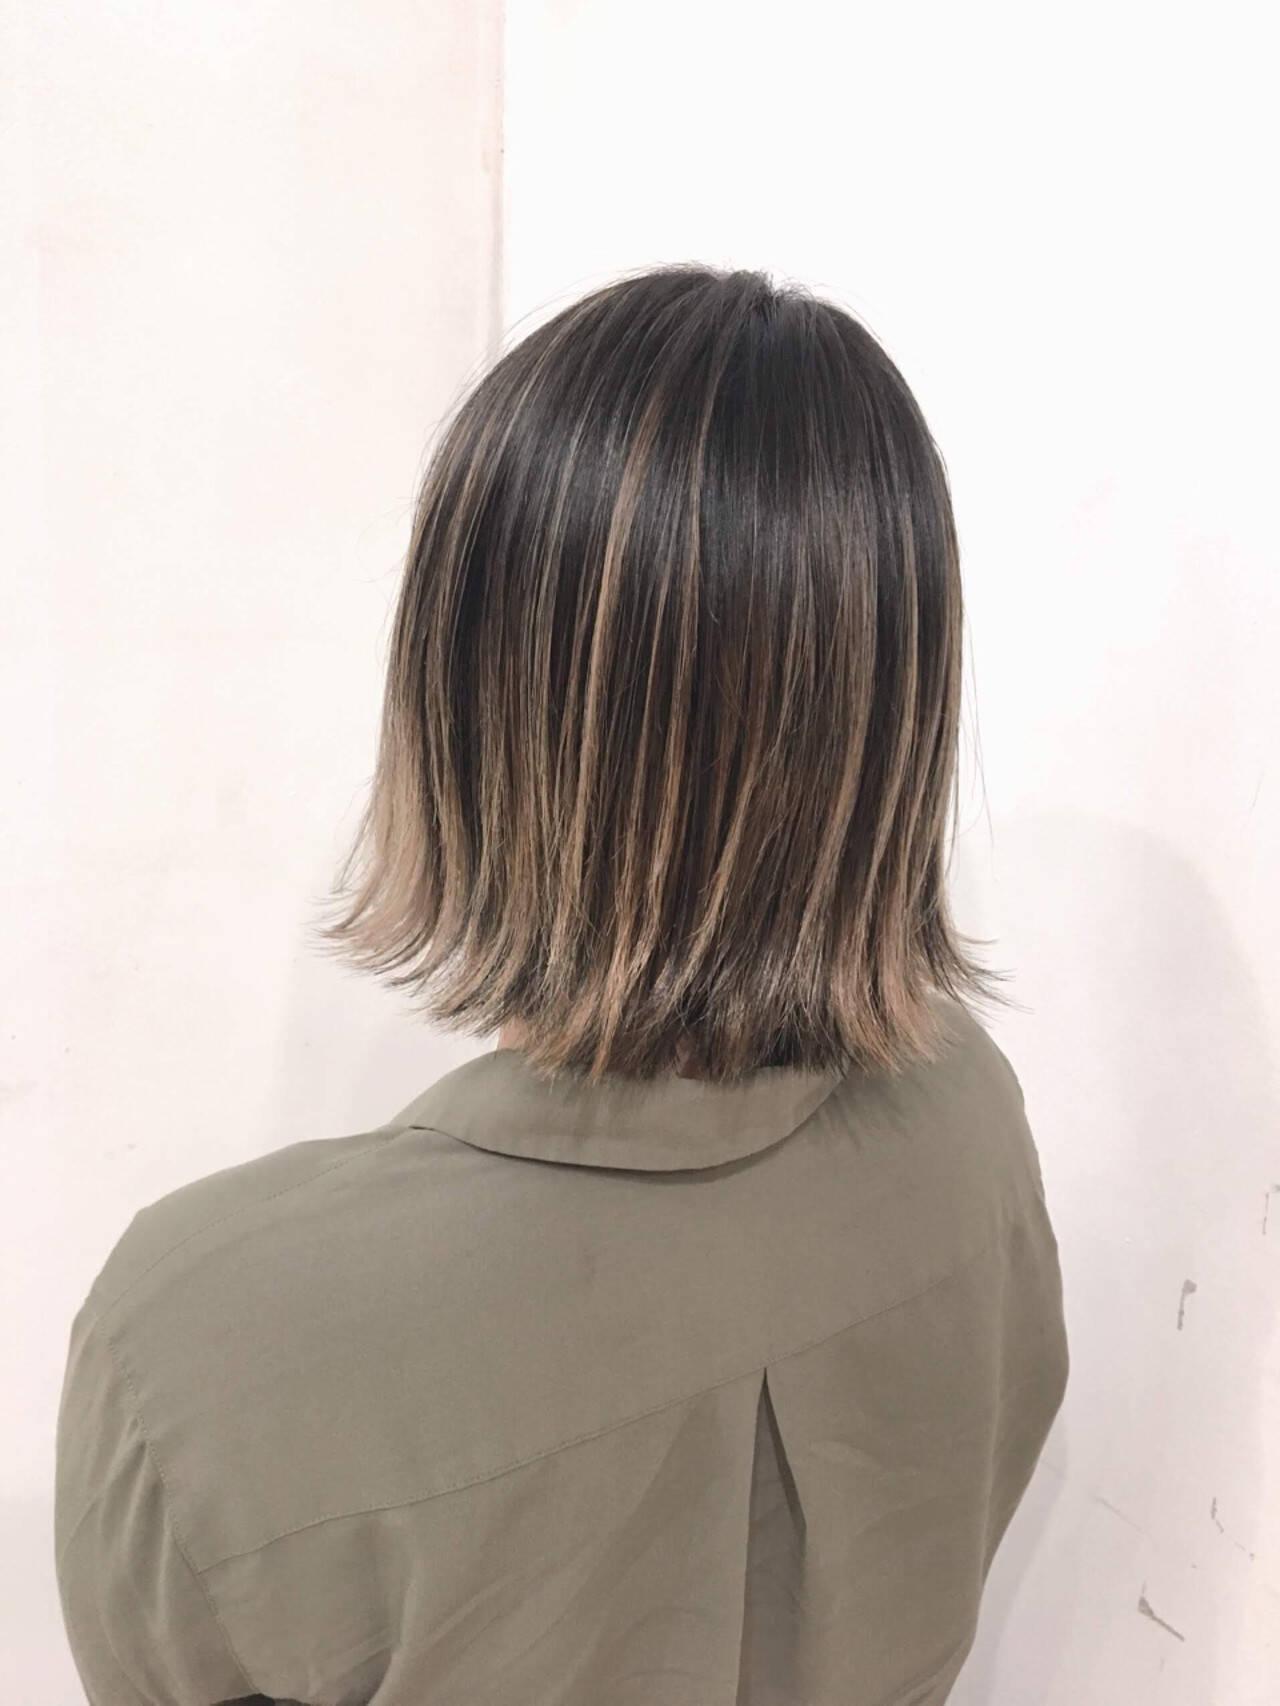 ボブ 透明感 外国人風カラー ハイライトヘアスタイルや髪型の写真・画像